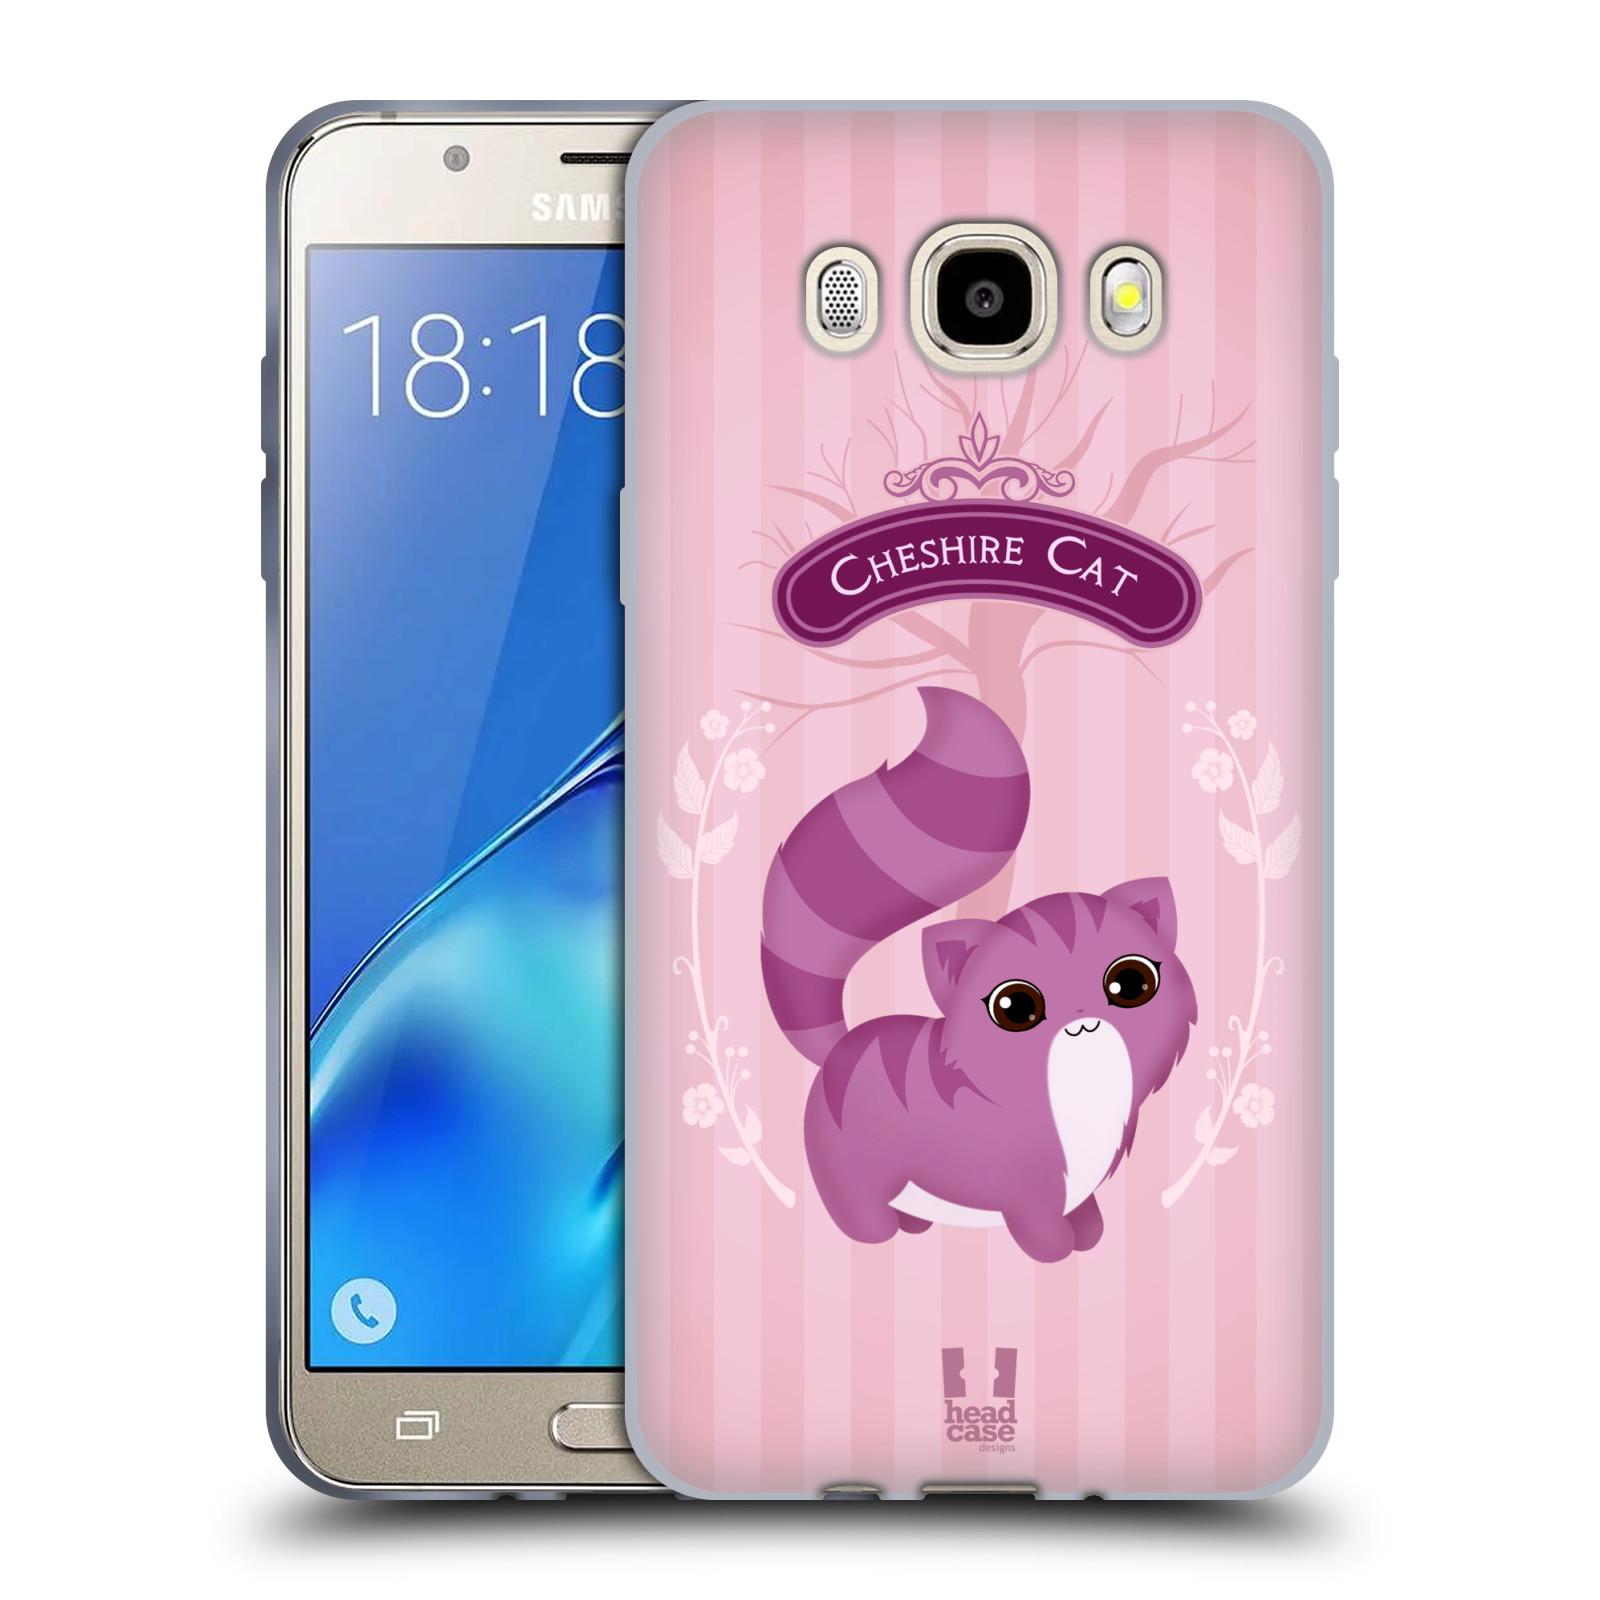 HEAD CASE silikonový obal, kryt na mobil Samsung Galaxy J5 2016, J510, J510F, (J510F DUAL SIM) vzor Alenka v říši divů kočička